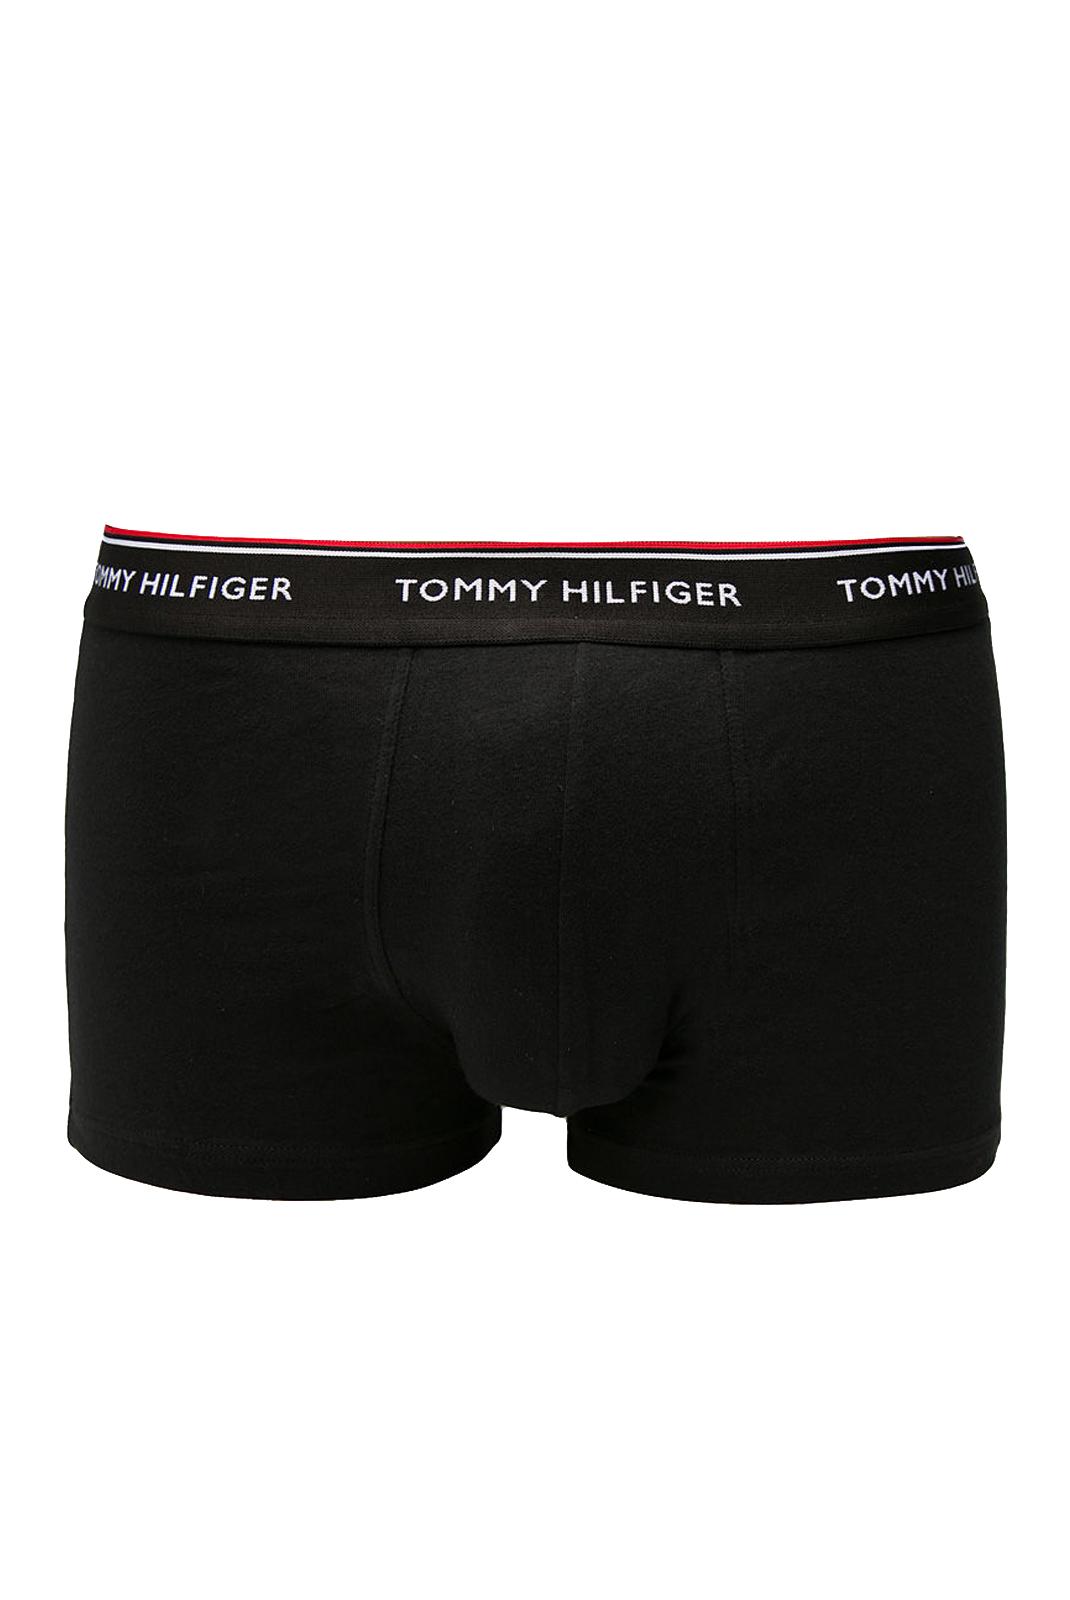 Slips-Caleçons  Tommy hilfiger 1U87903842 990 NOIR